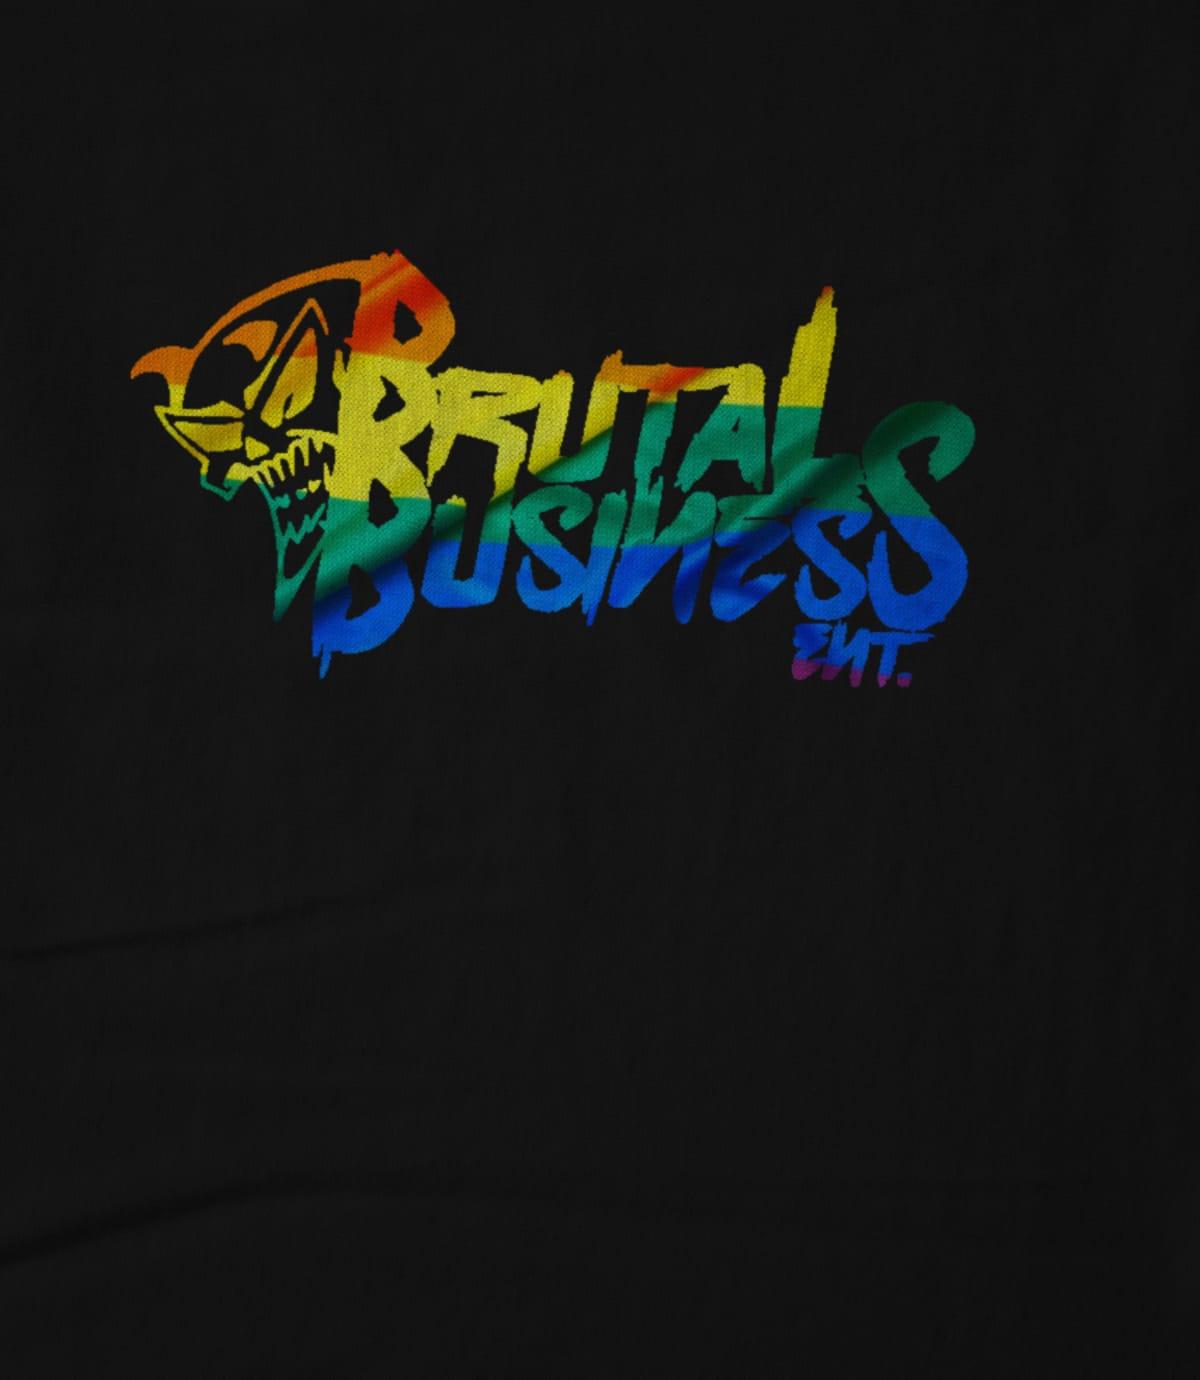 Brutal Business